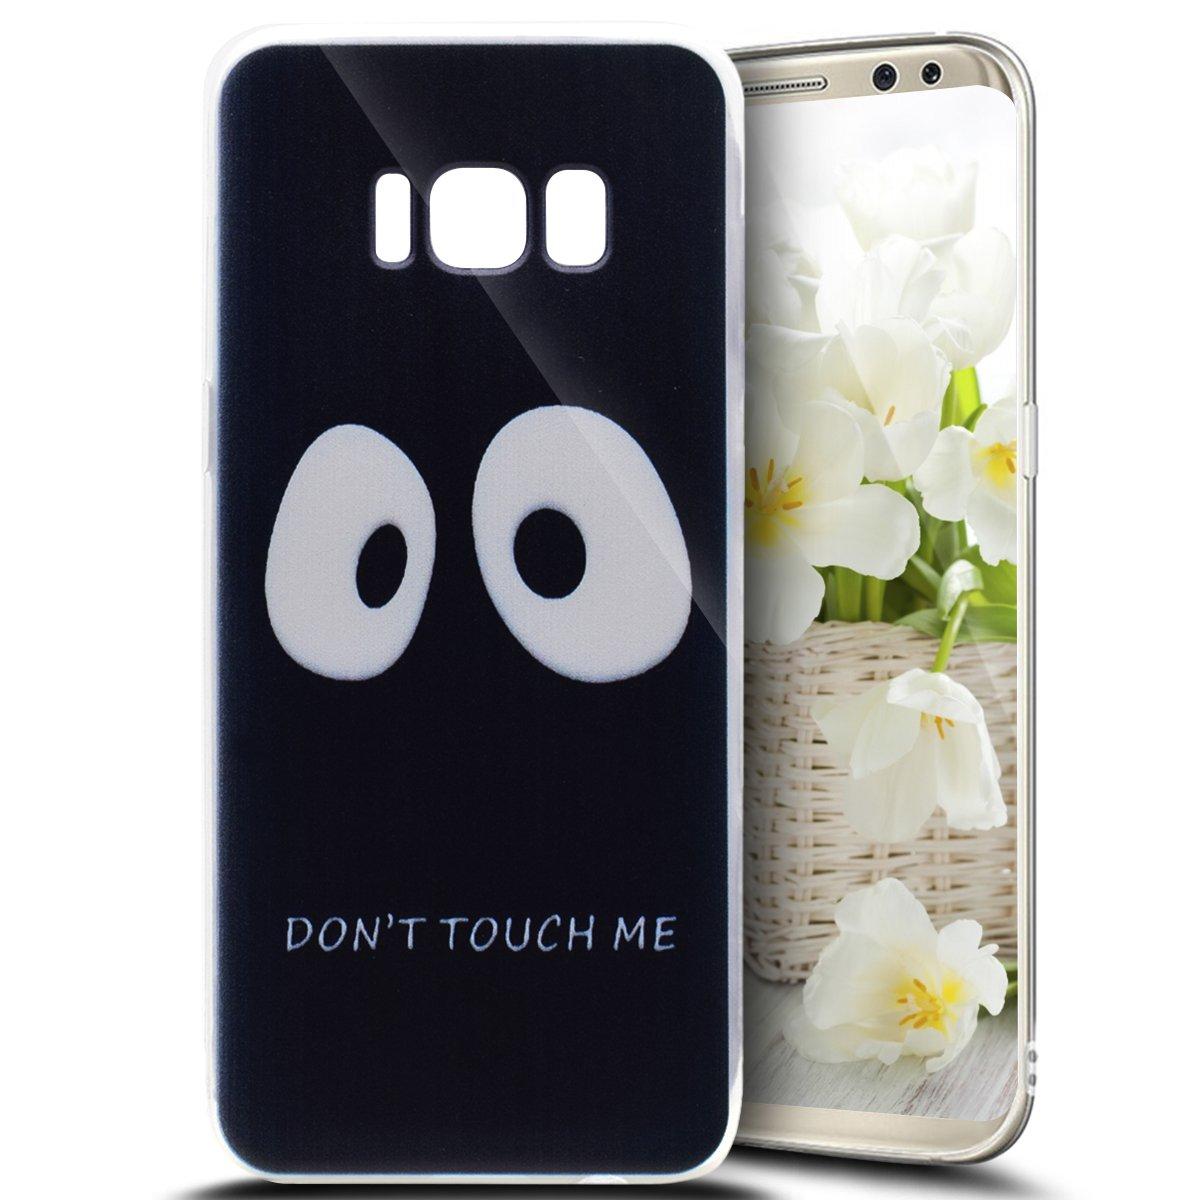 Custodia Cover Samsung Galaxy S8 silicone, Ukayfe 360 Grad Custodia per Samsung Galaxy S8 UltraSlim Policarbonato in Sfumatura di colore Copertura Cover Case Protettiva , Moda Serie Completa Screen-Protector 3d, Skin Custodia Stilosa custodia di design Pro